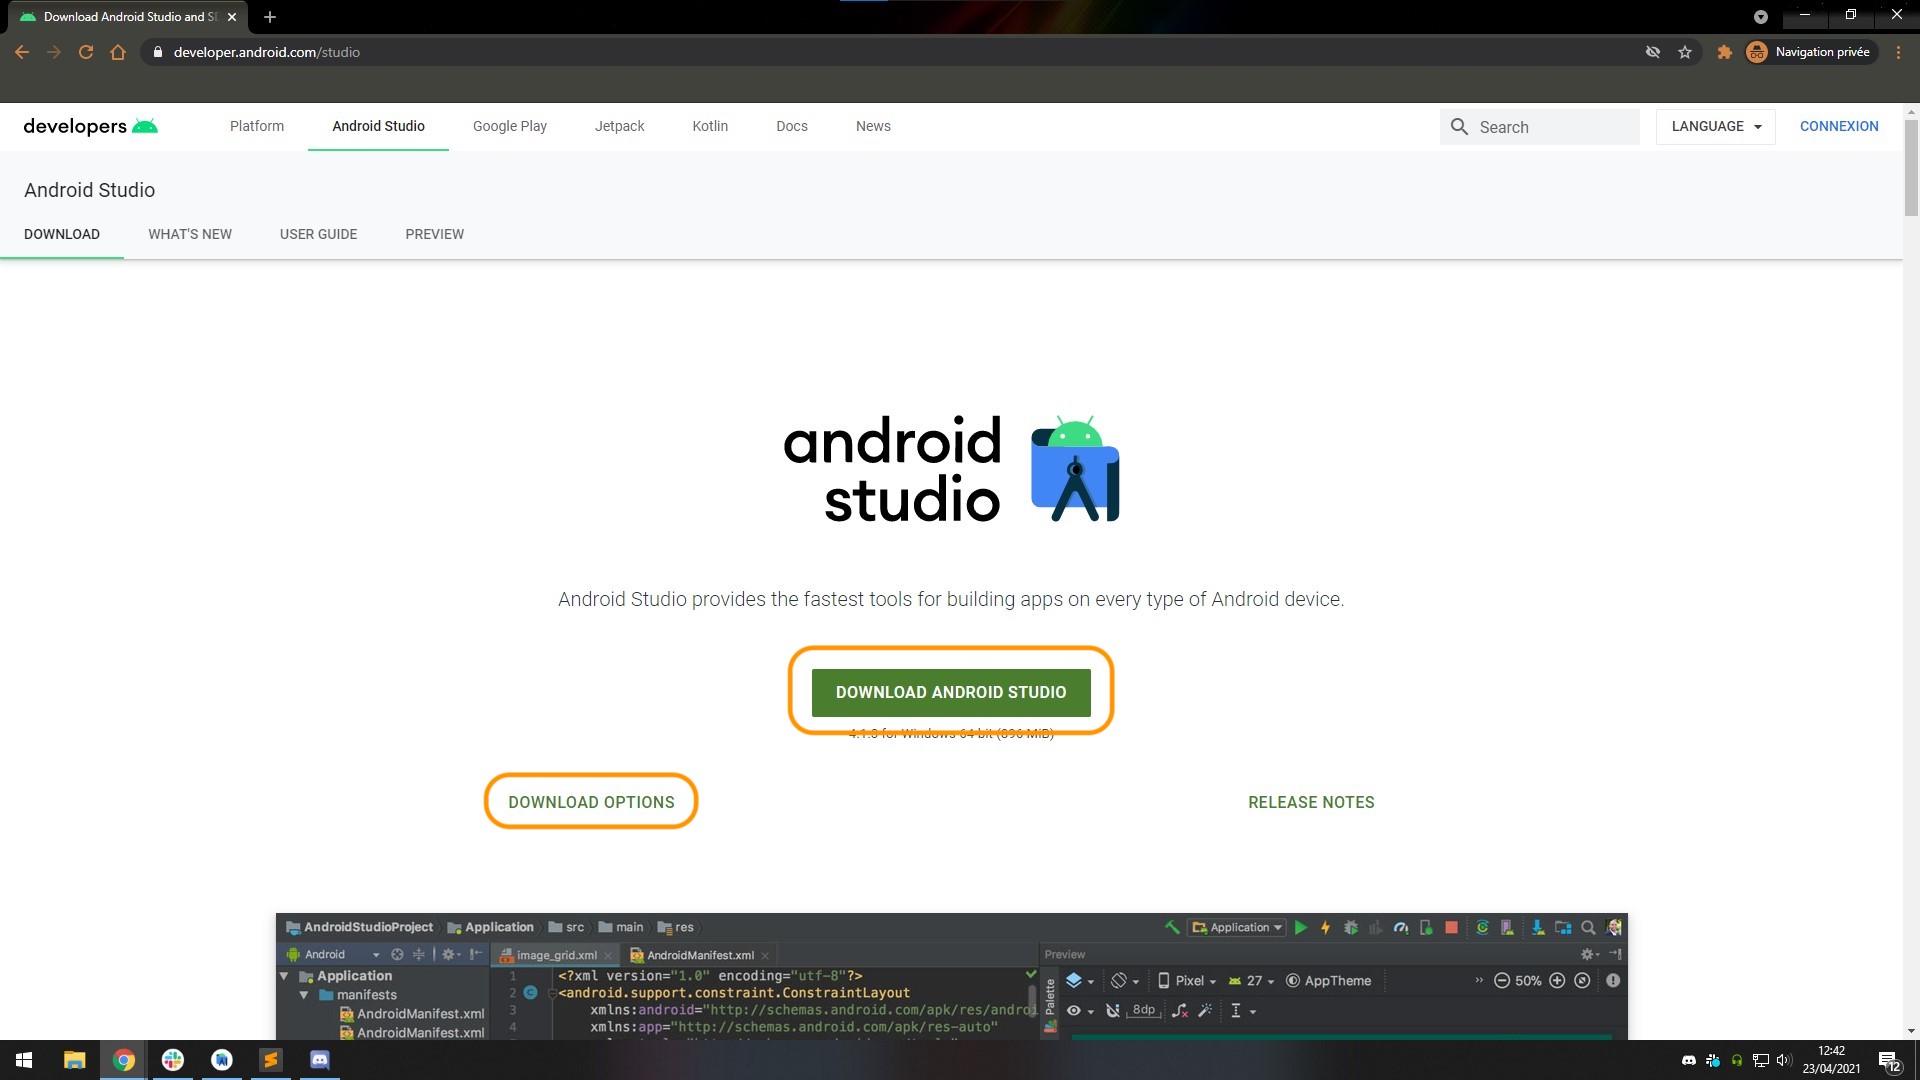 Cliquez sur Download Android Studio ou Download options pour télécharger une version différente